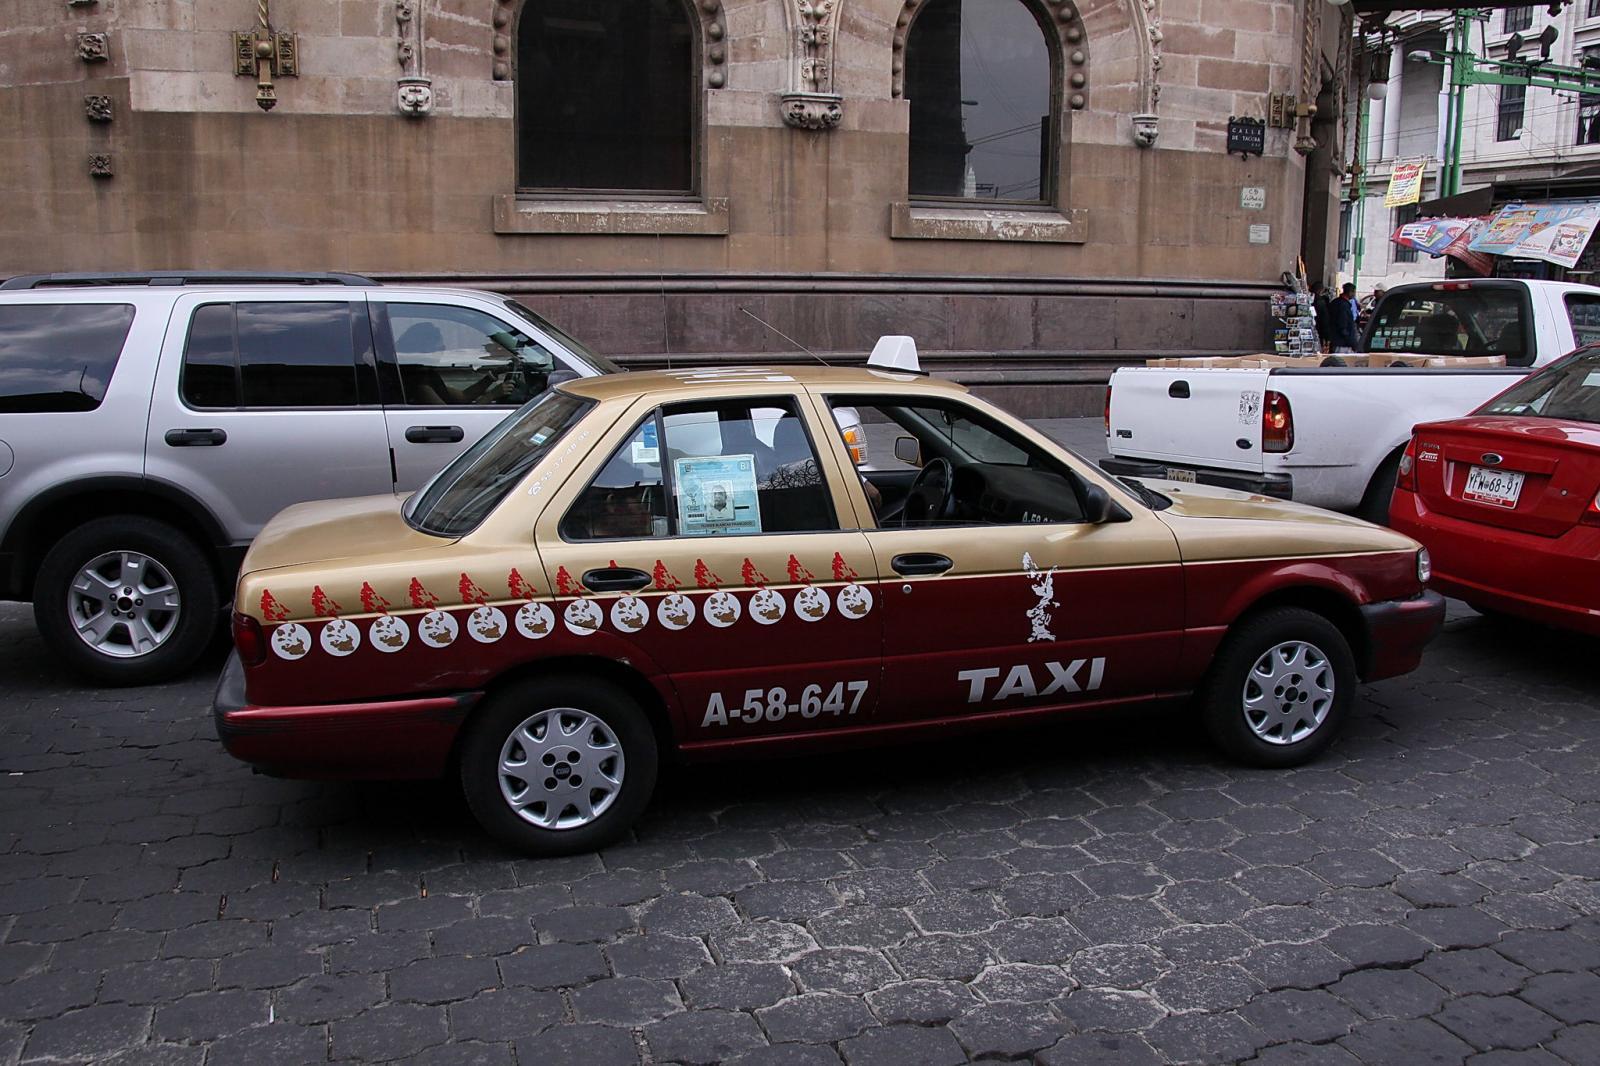 La CDMX quiere taxis 'verdes'